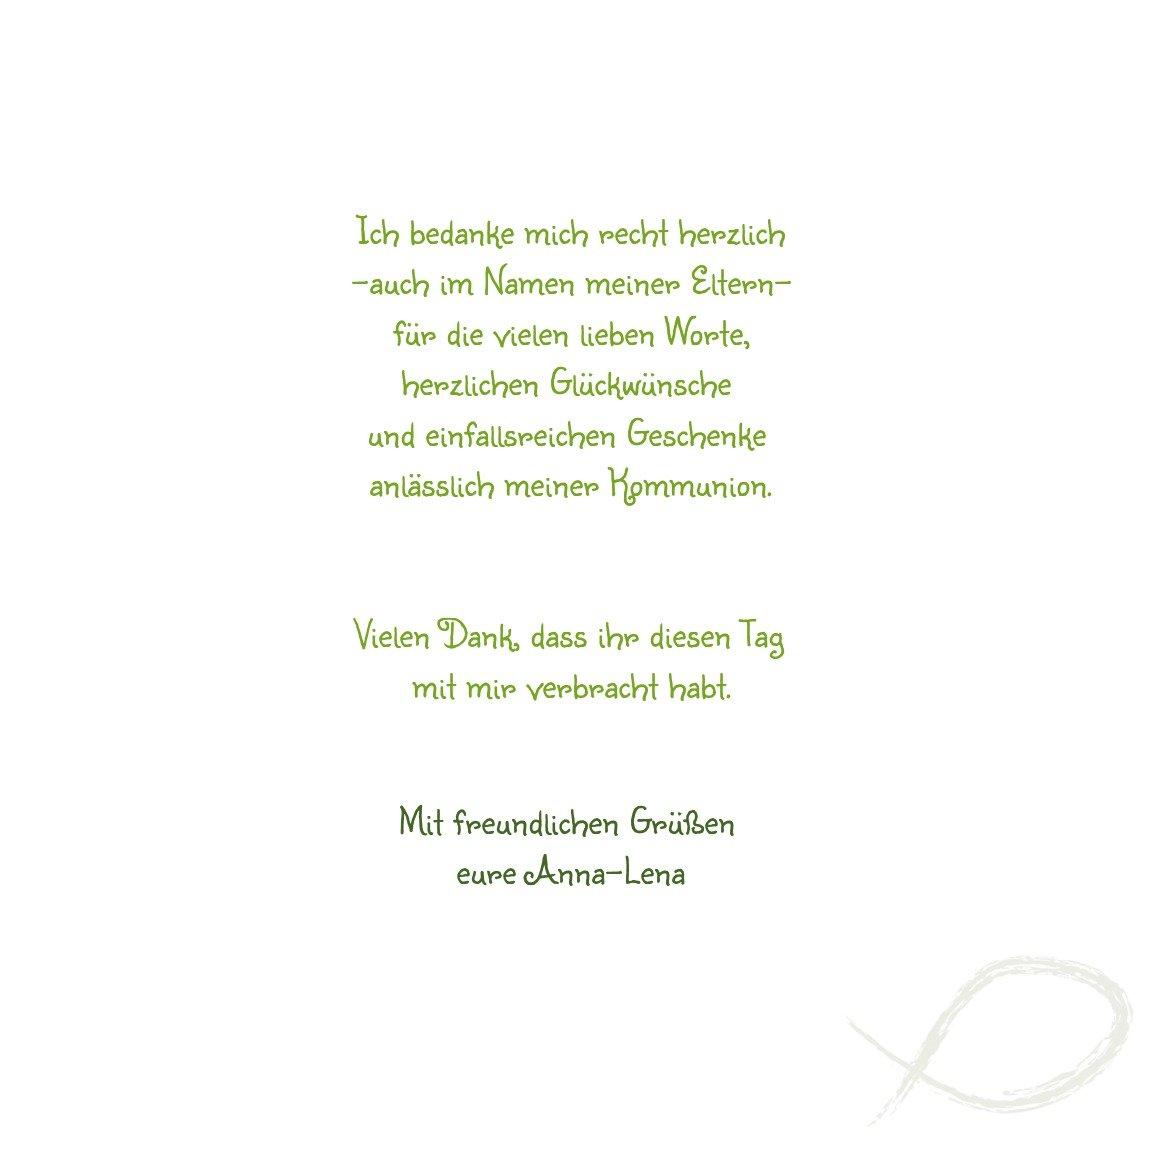 Kartenparadies Dankeskarte Kommunionswünsche Kommunion Dankeskarte Fische, hochwertige Danksagung für für für Kommunionsfeier inklusive Umschläge   20 Karten - (Format  145x145 mm) Farbe  Liladunkel B01MYE5F4F | Viele Stile  | Ruf zuerst  | Schön 6429ee